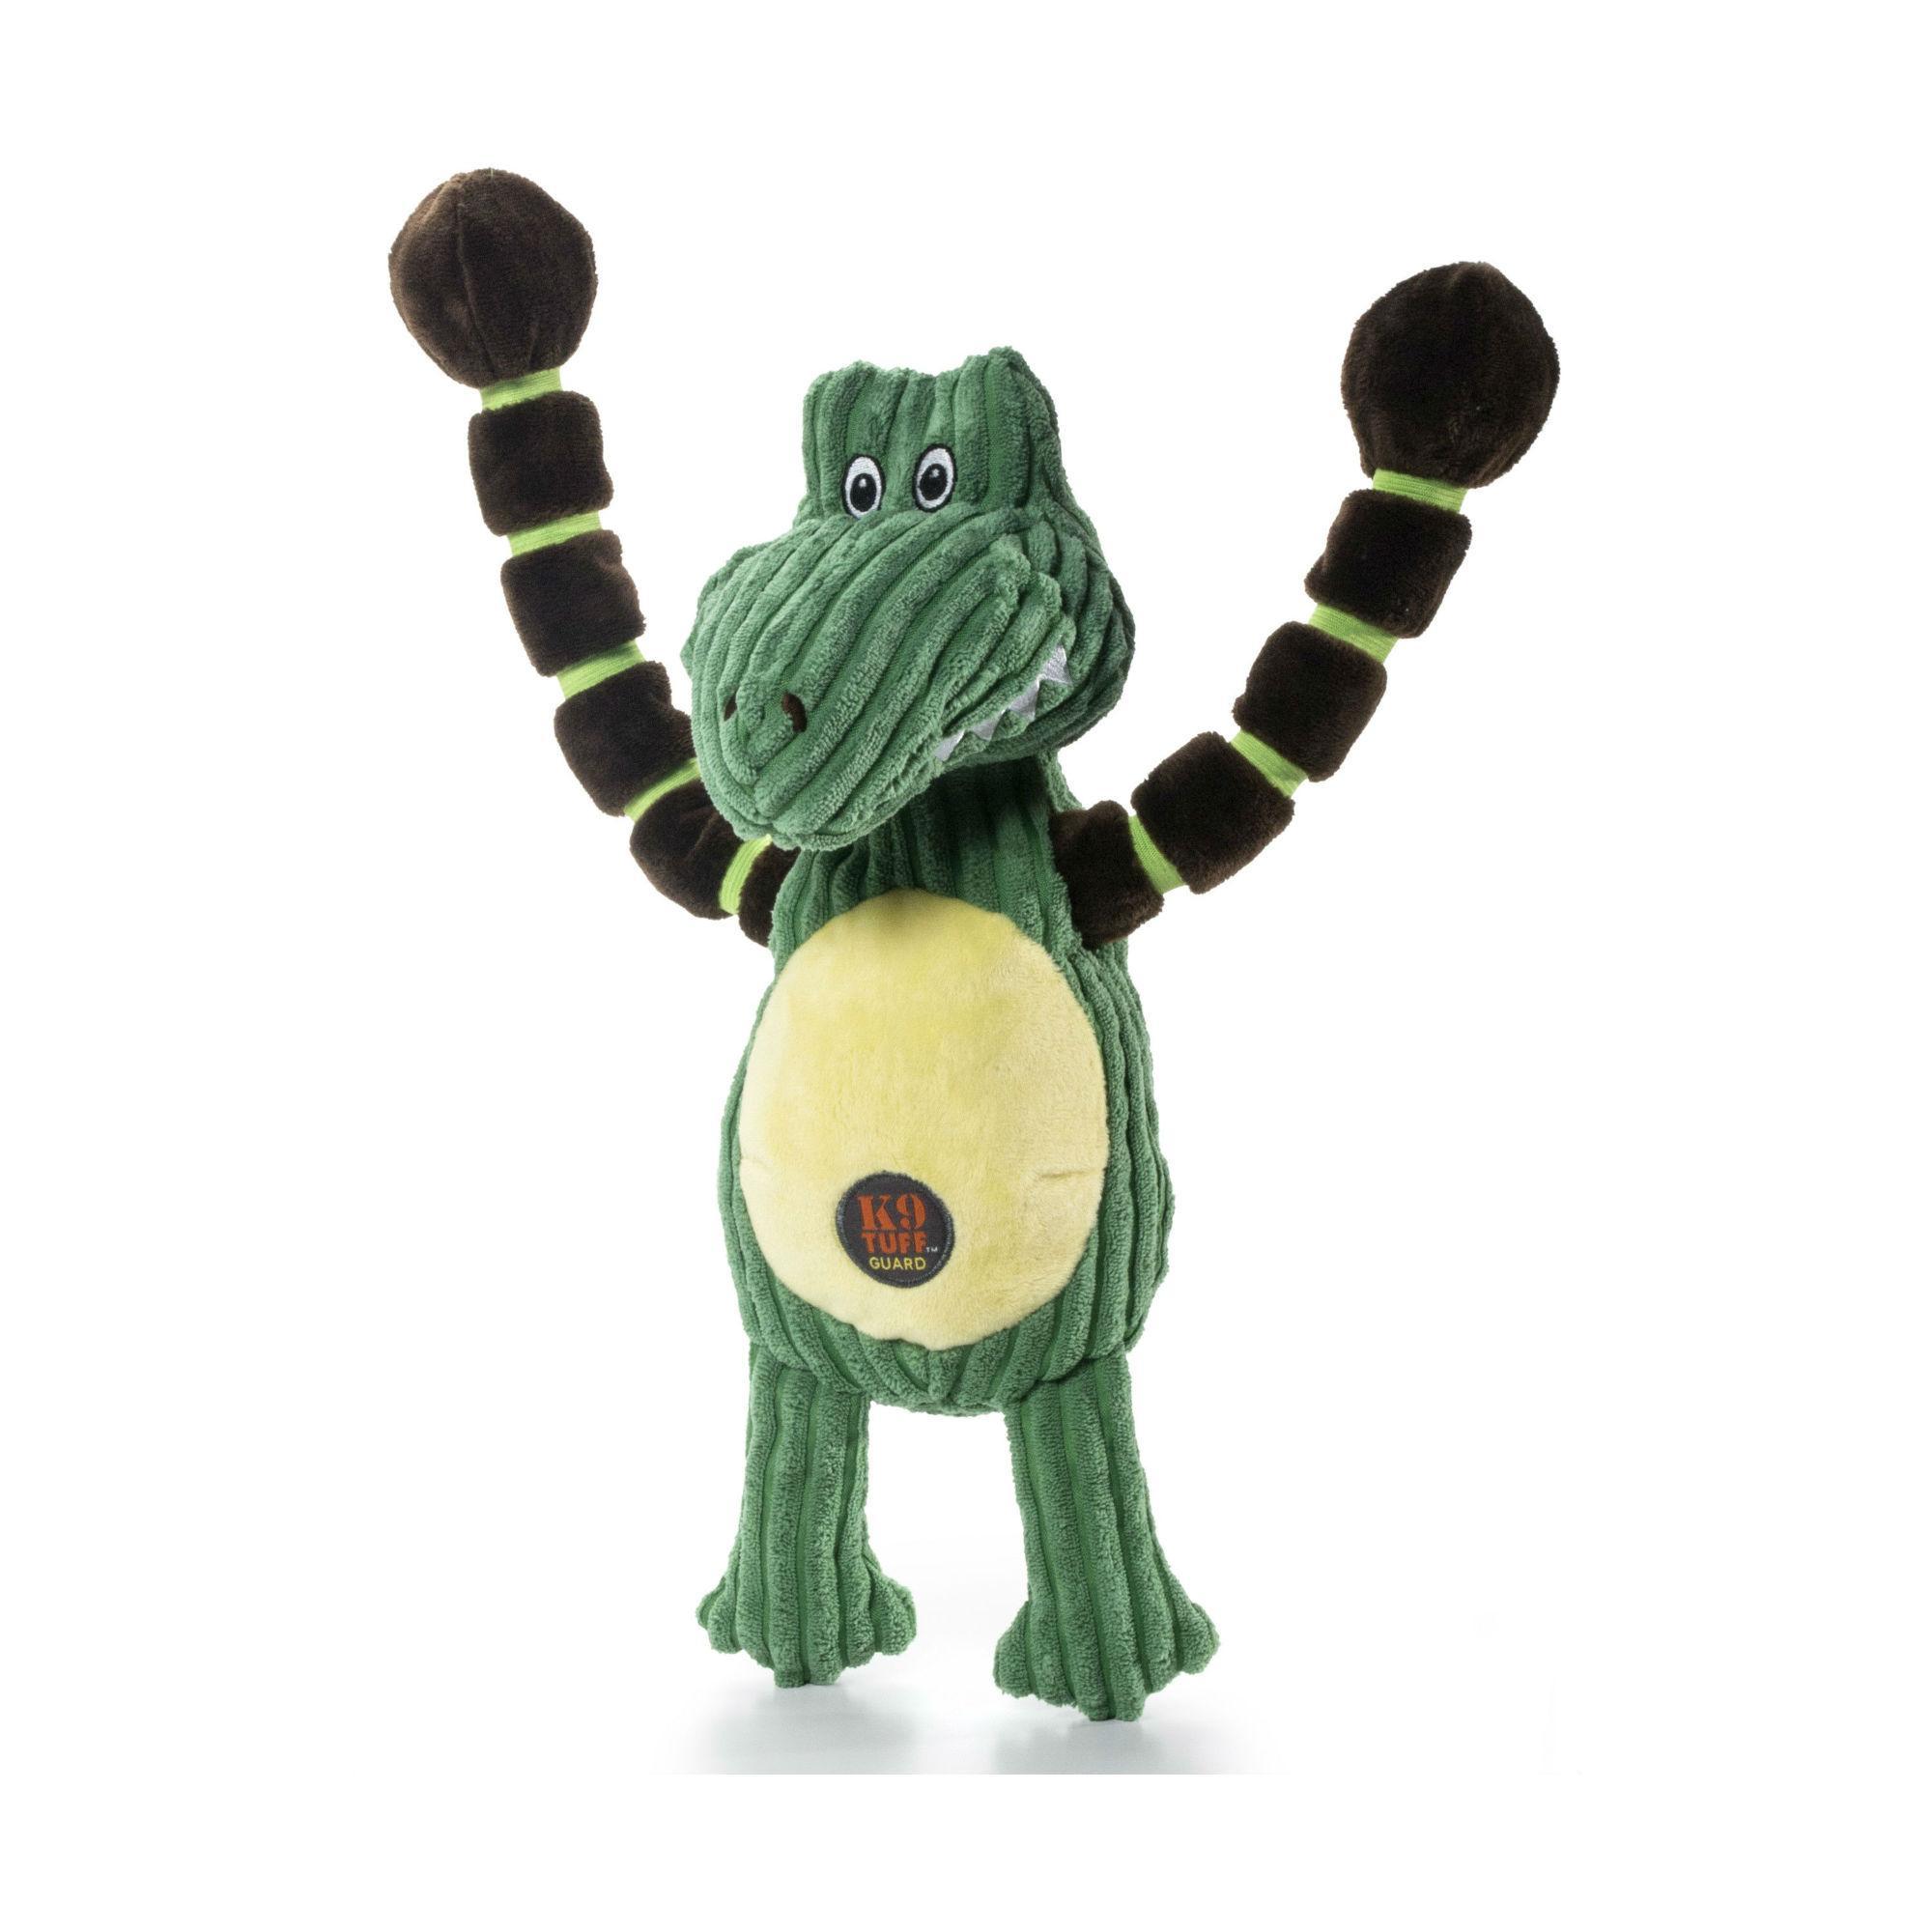 Thunda Tuggas Dog Toy - Gator